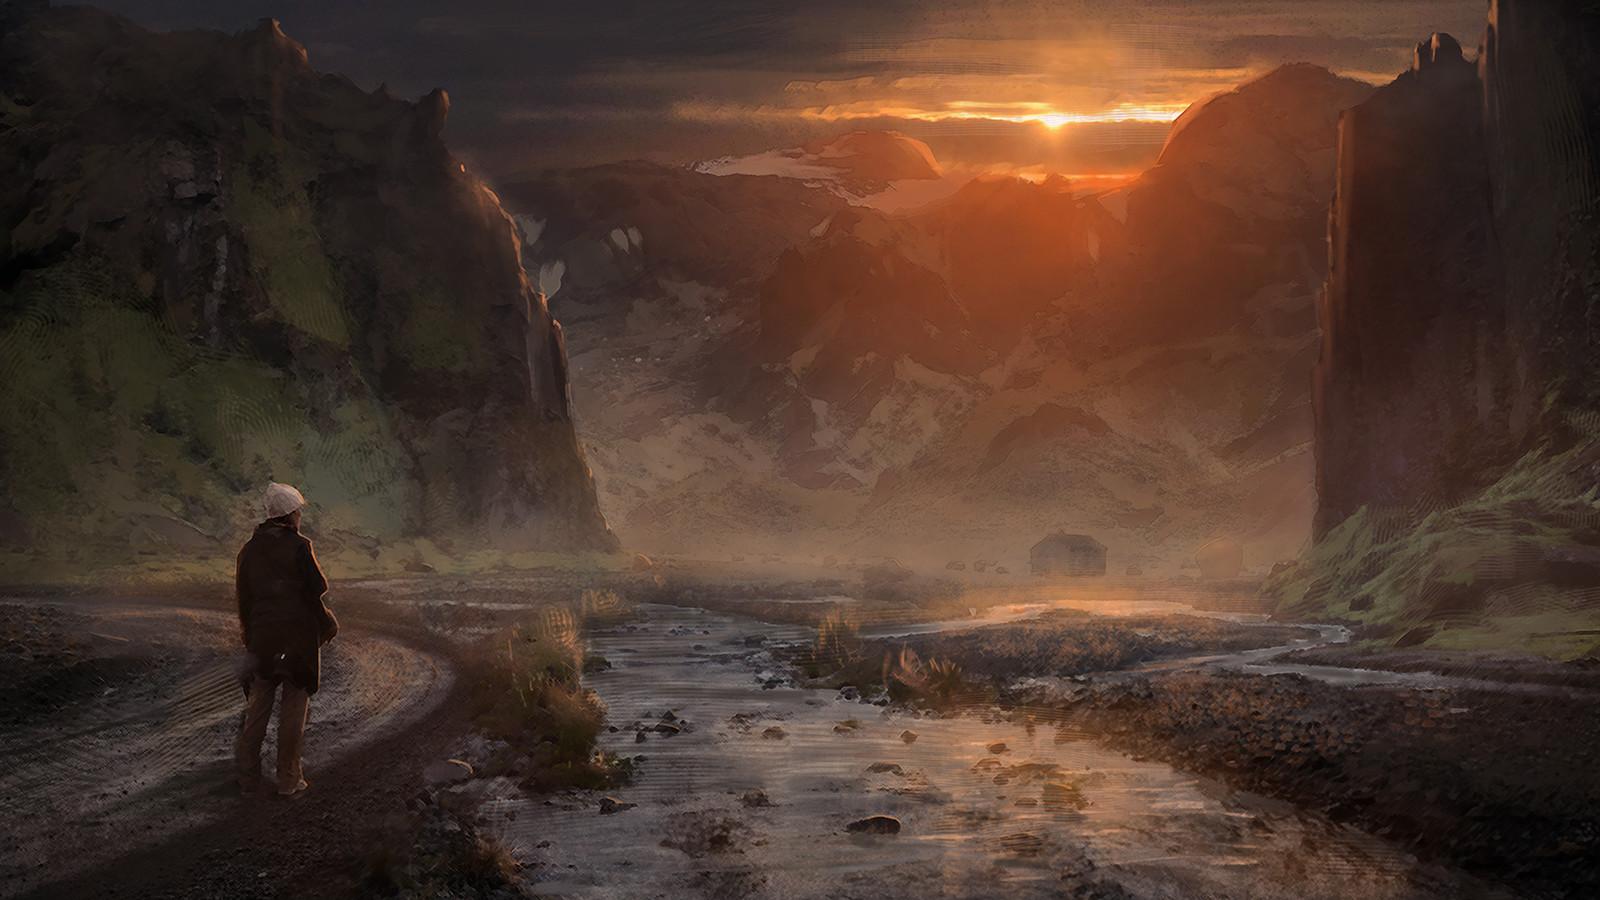 Midnight Sun (Reykjavík)